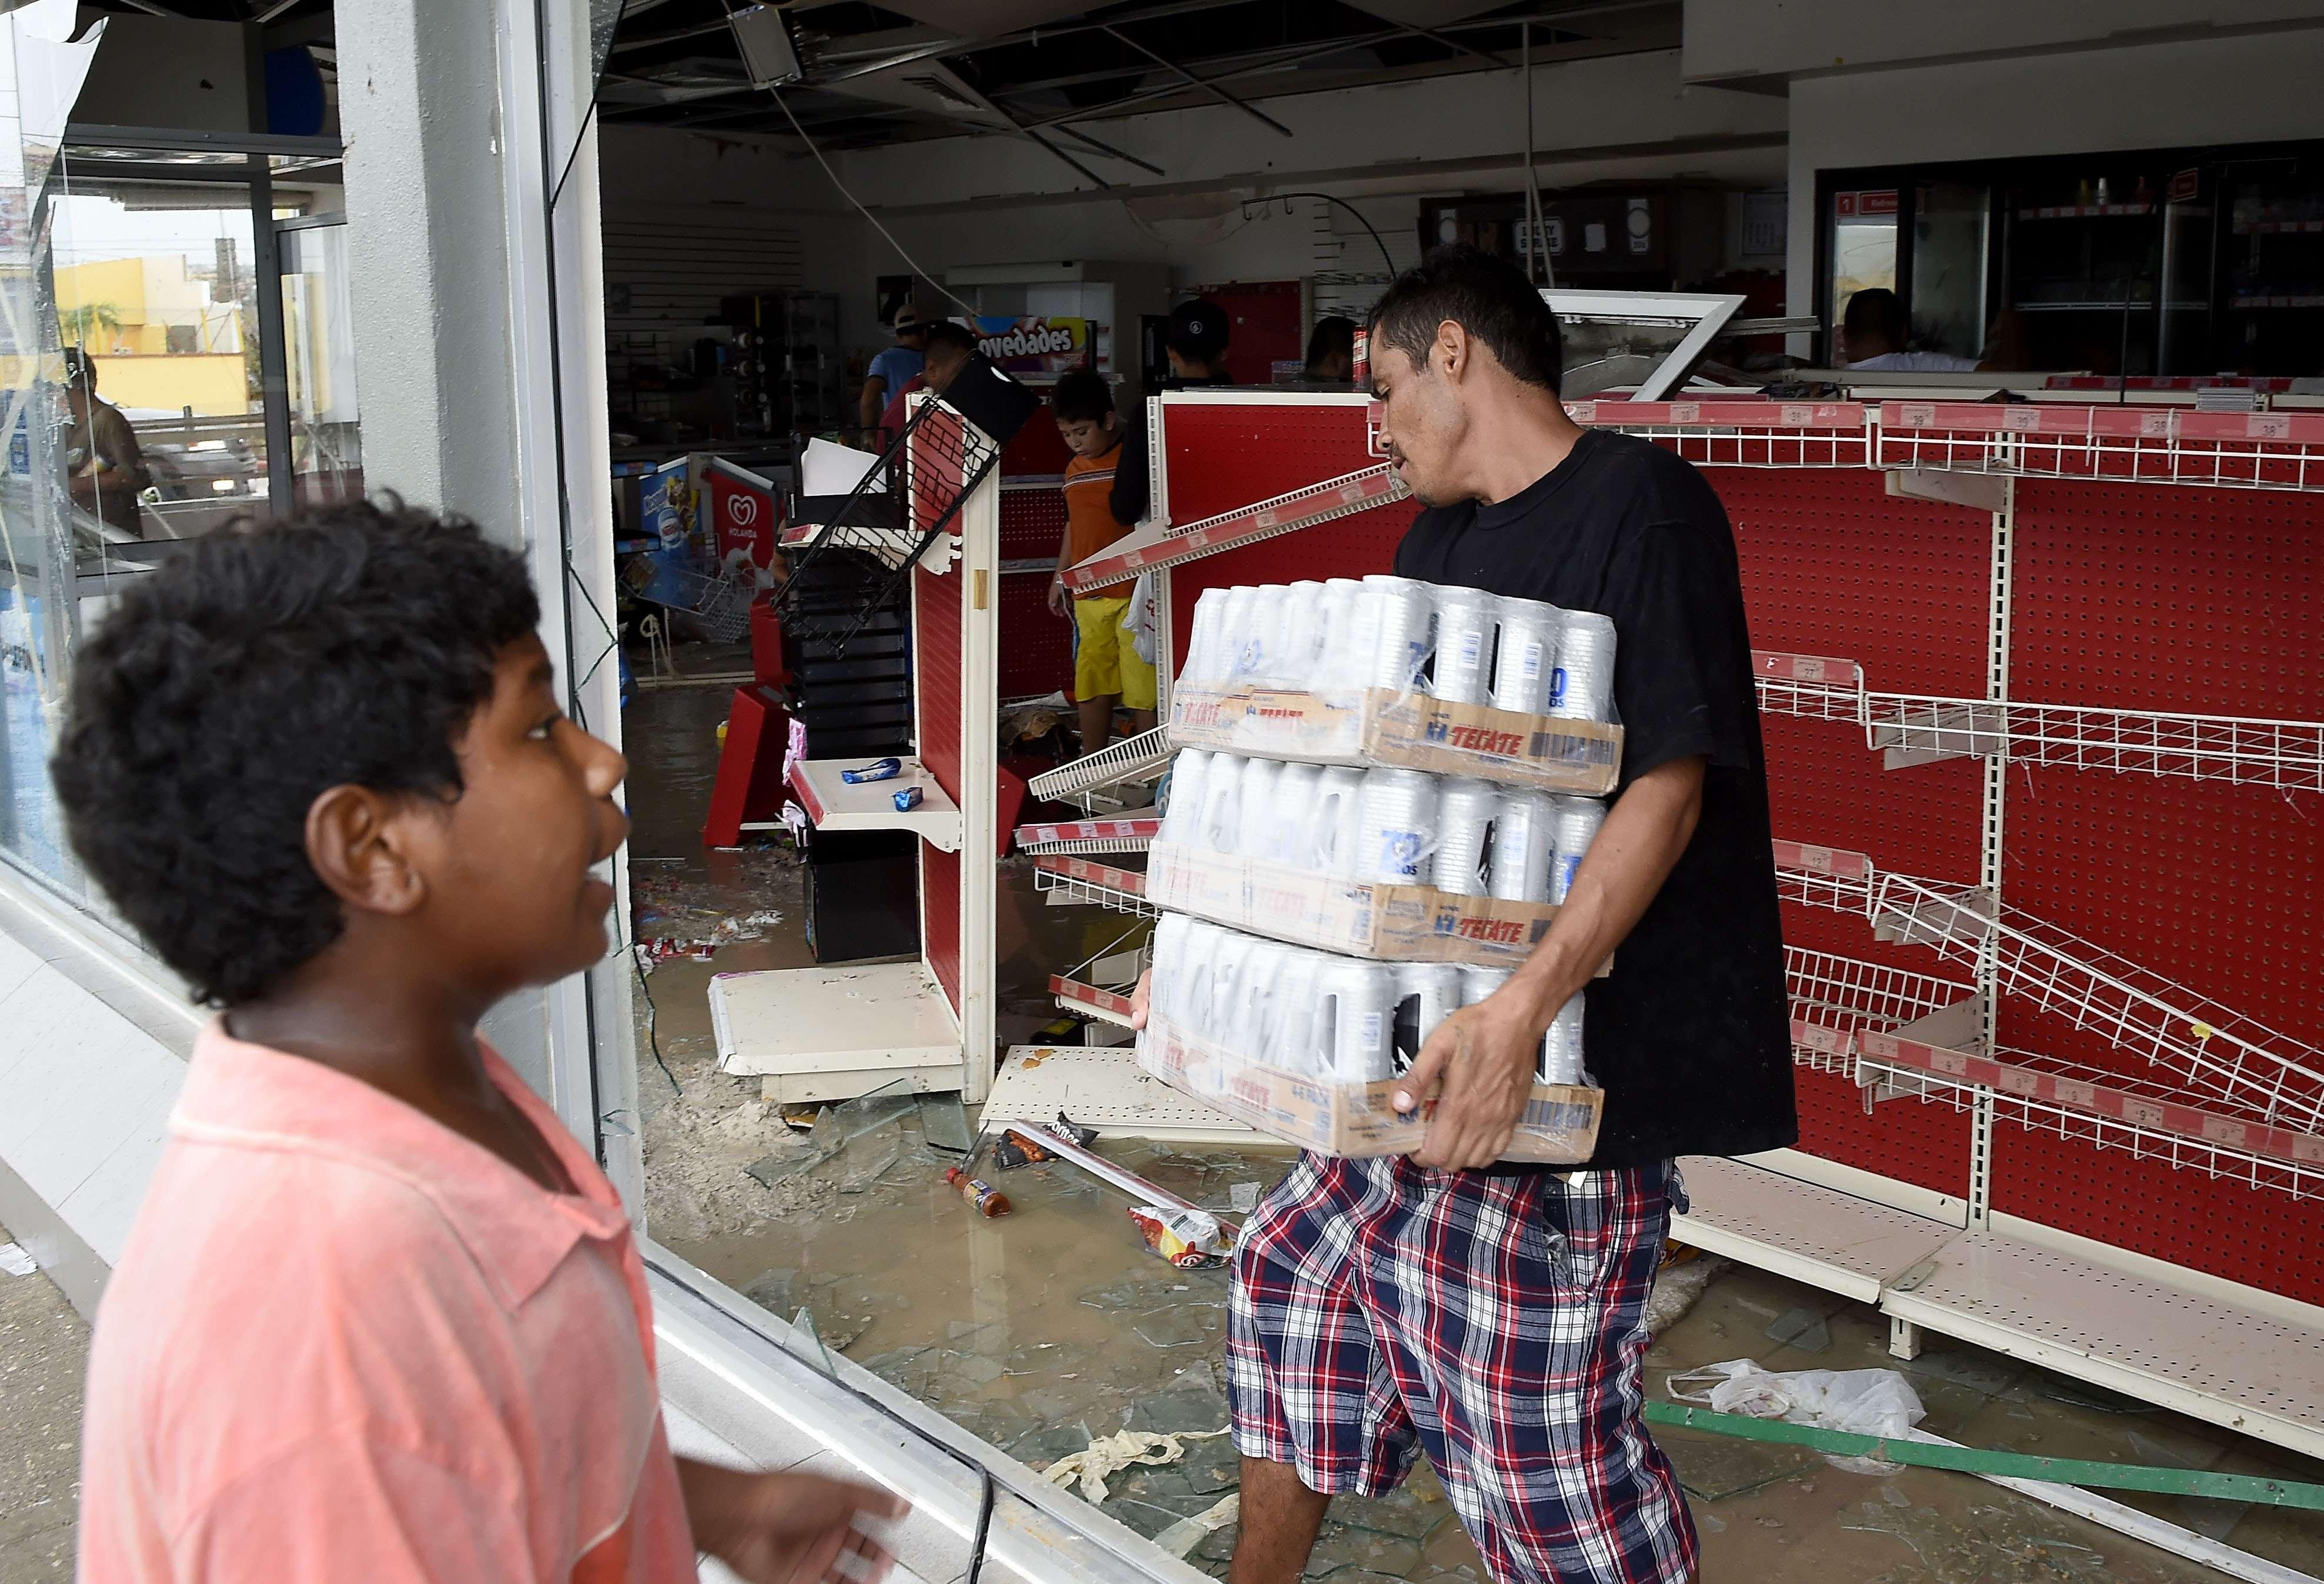 Pobladores han saqueado comida, pilas y bebidas alcohólicas de tiendas de autoservicio Foto: AFP